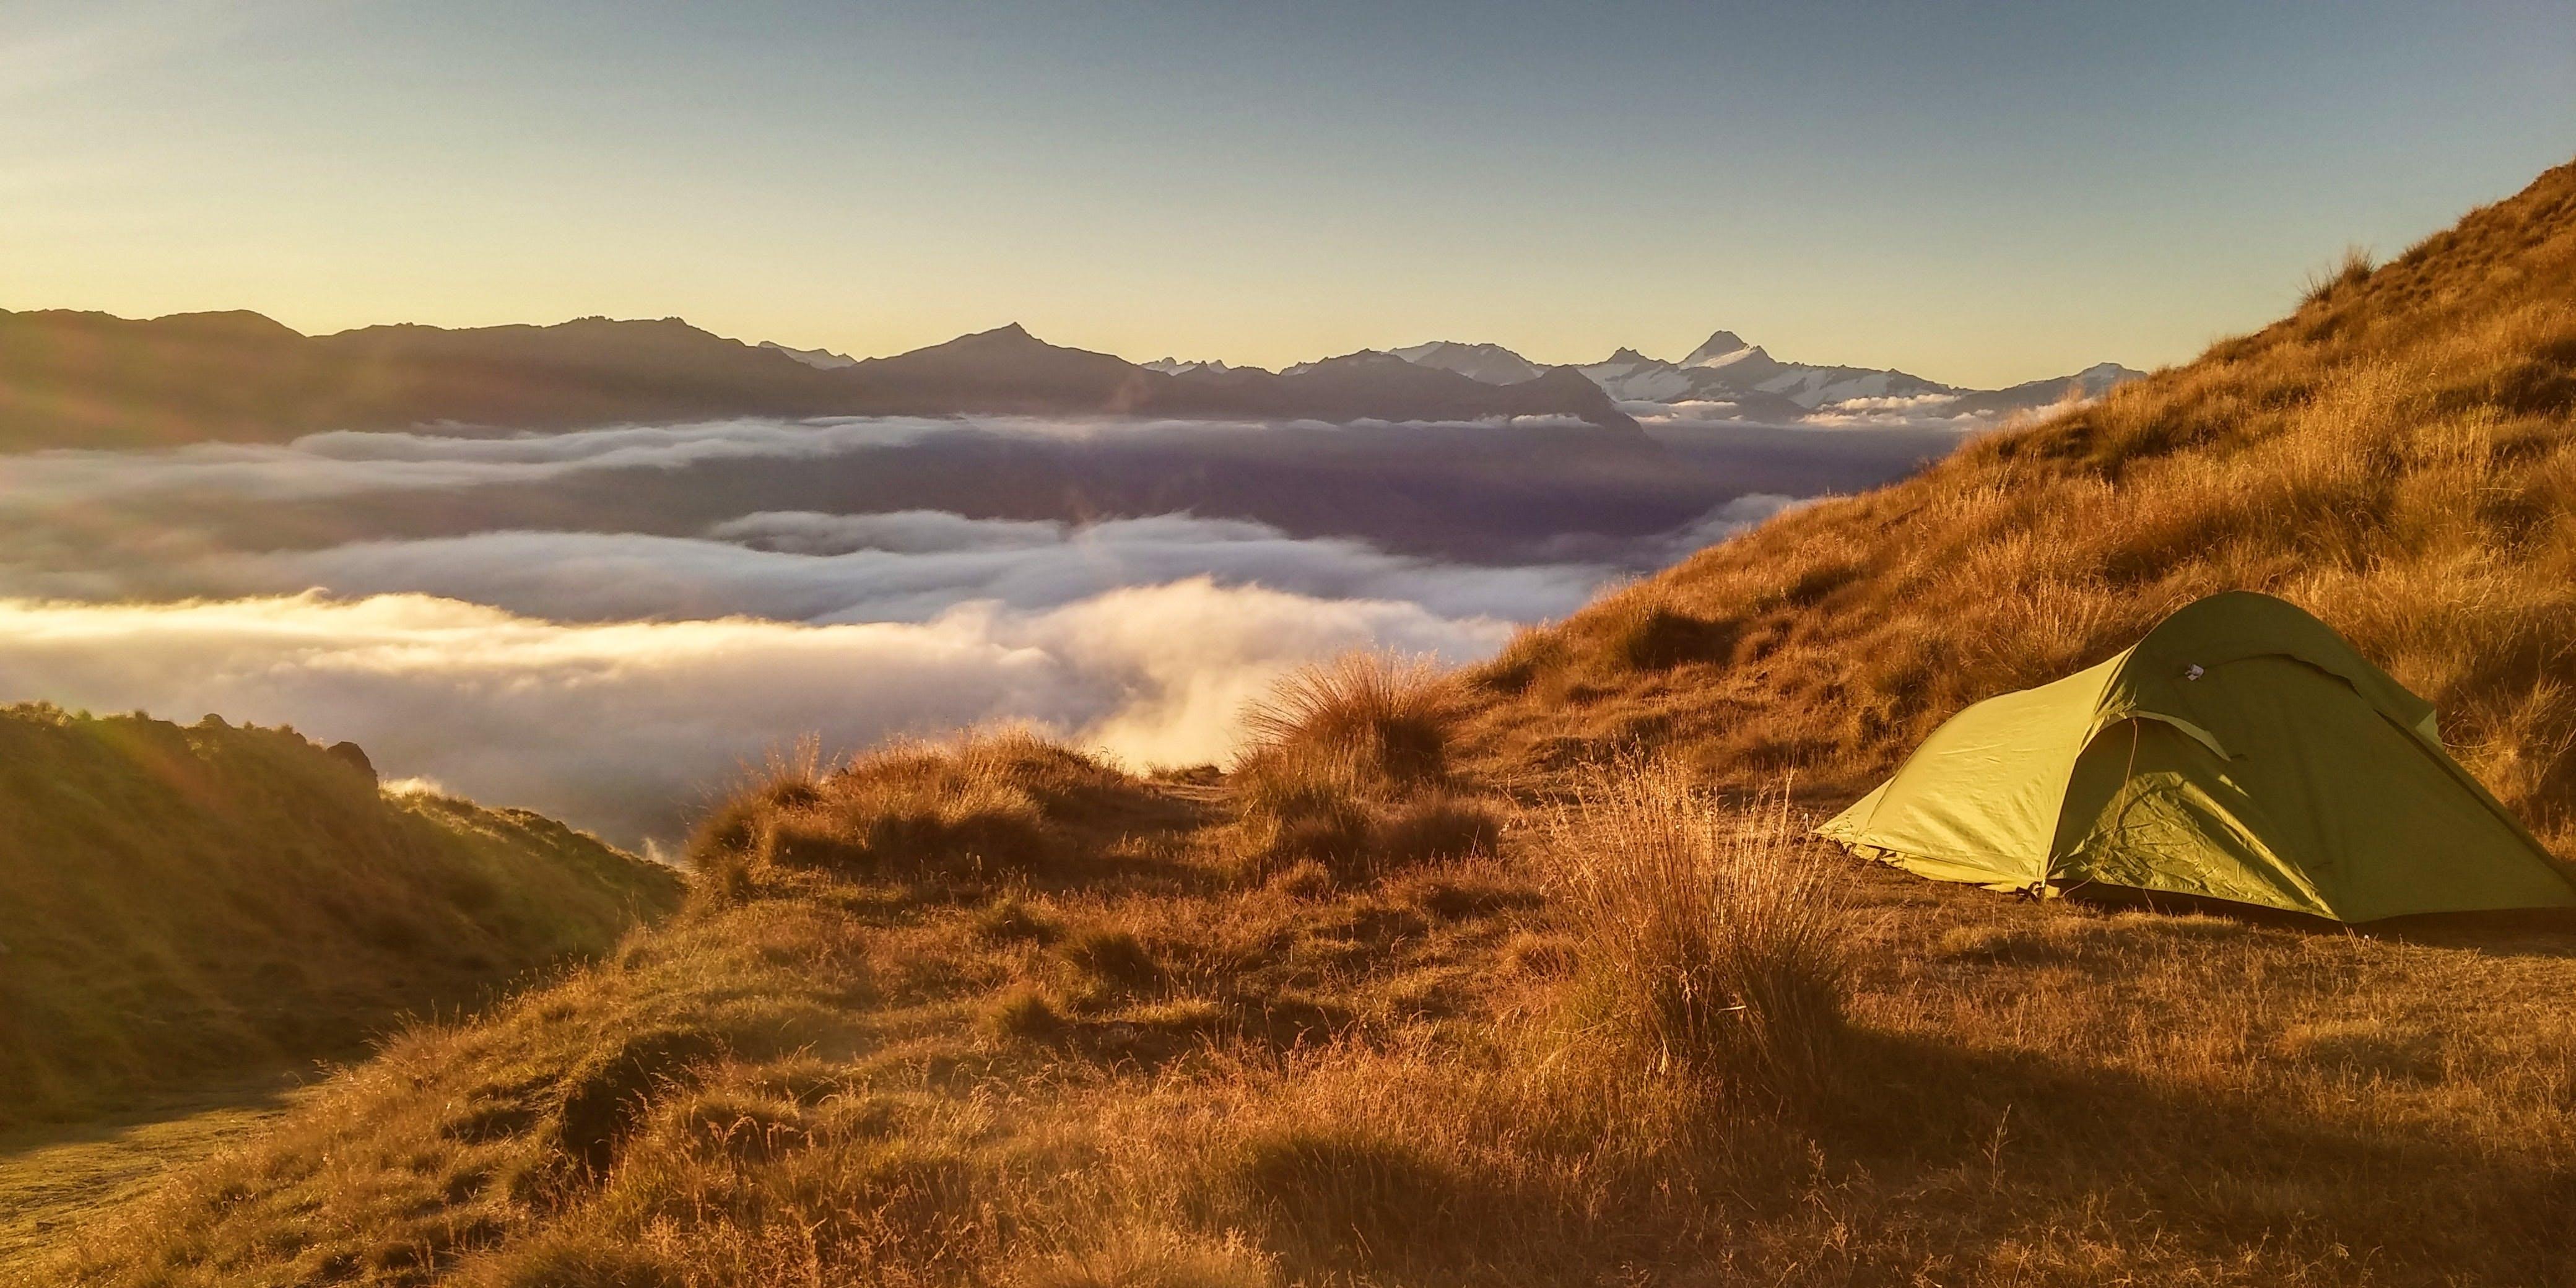 solo camping in australia